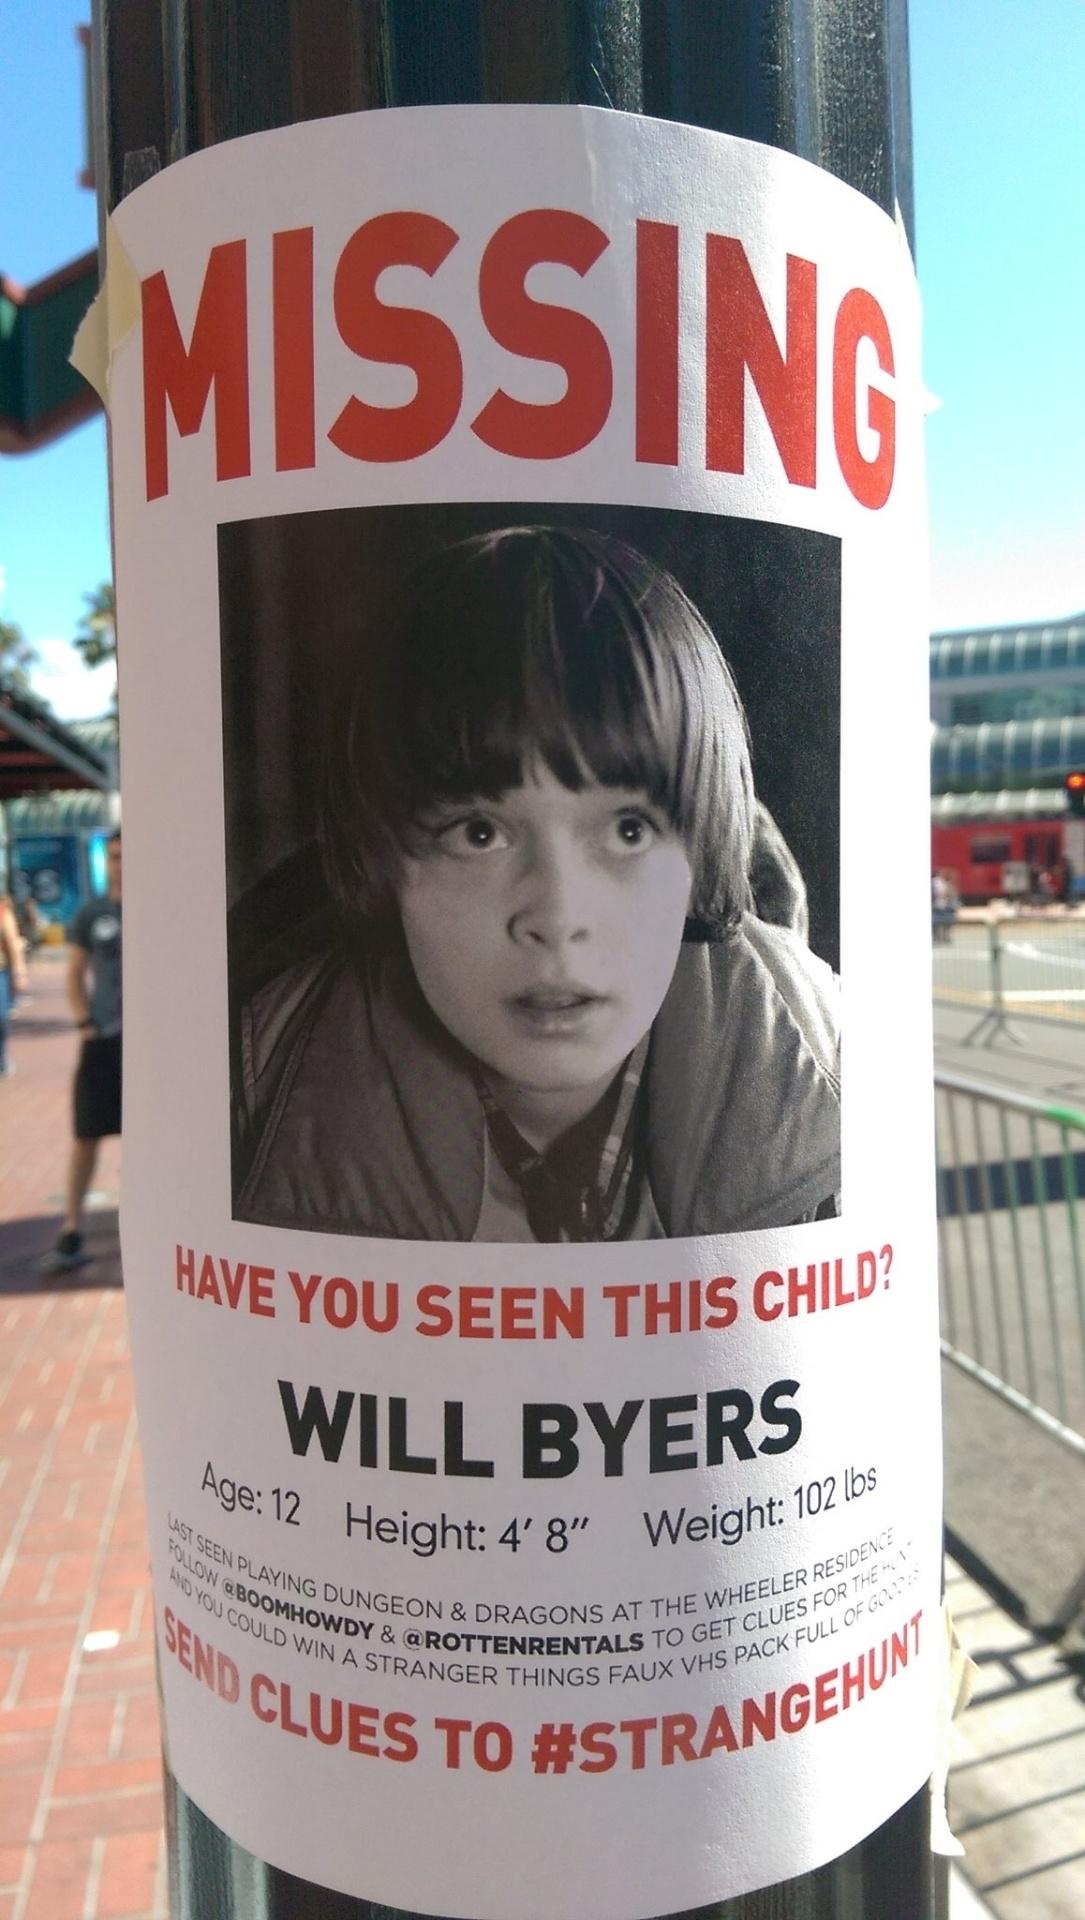 21.jul.2016 - Cartaz pelas ruas de San Diego, durante a Comic-Con 2016, anuncia desaparecimento do garoto Will Byers, personagem da série